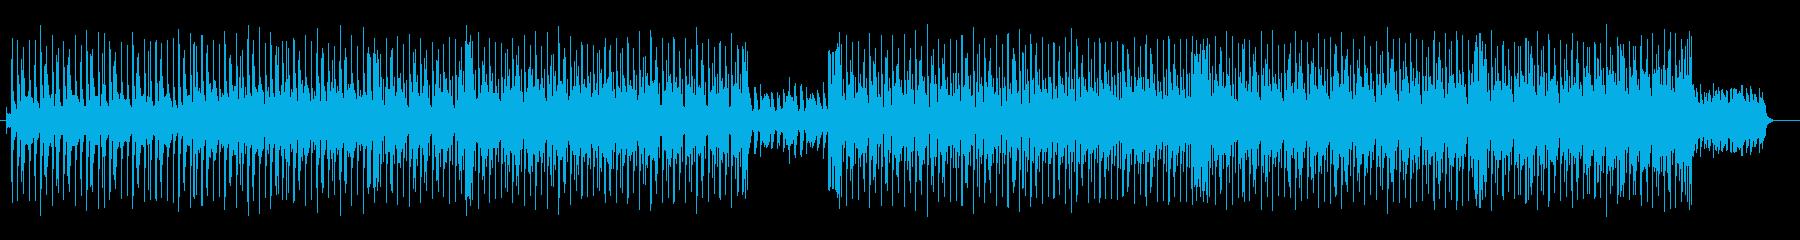 ミドルテンポのロックなダンスチューンの再生済みの波形